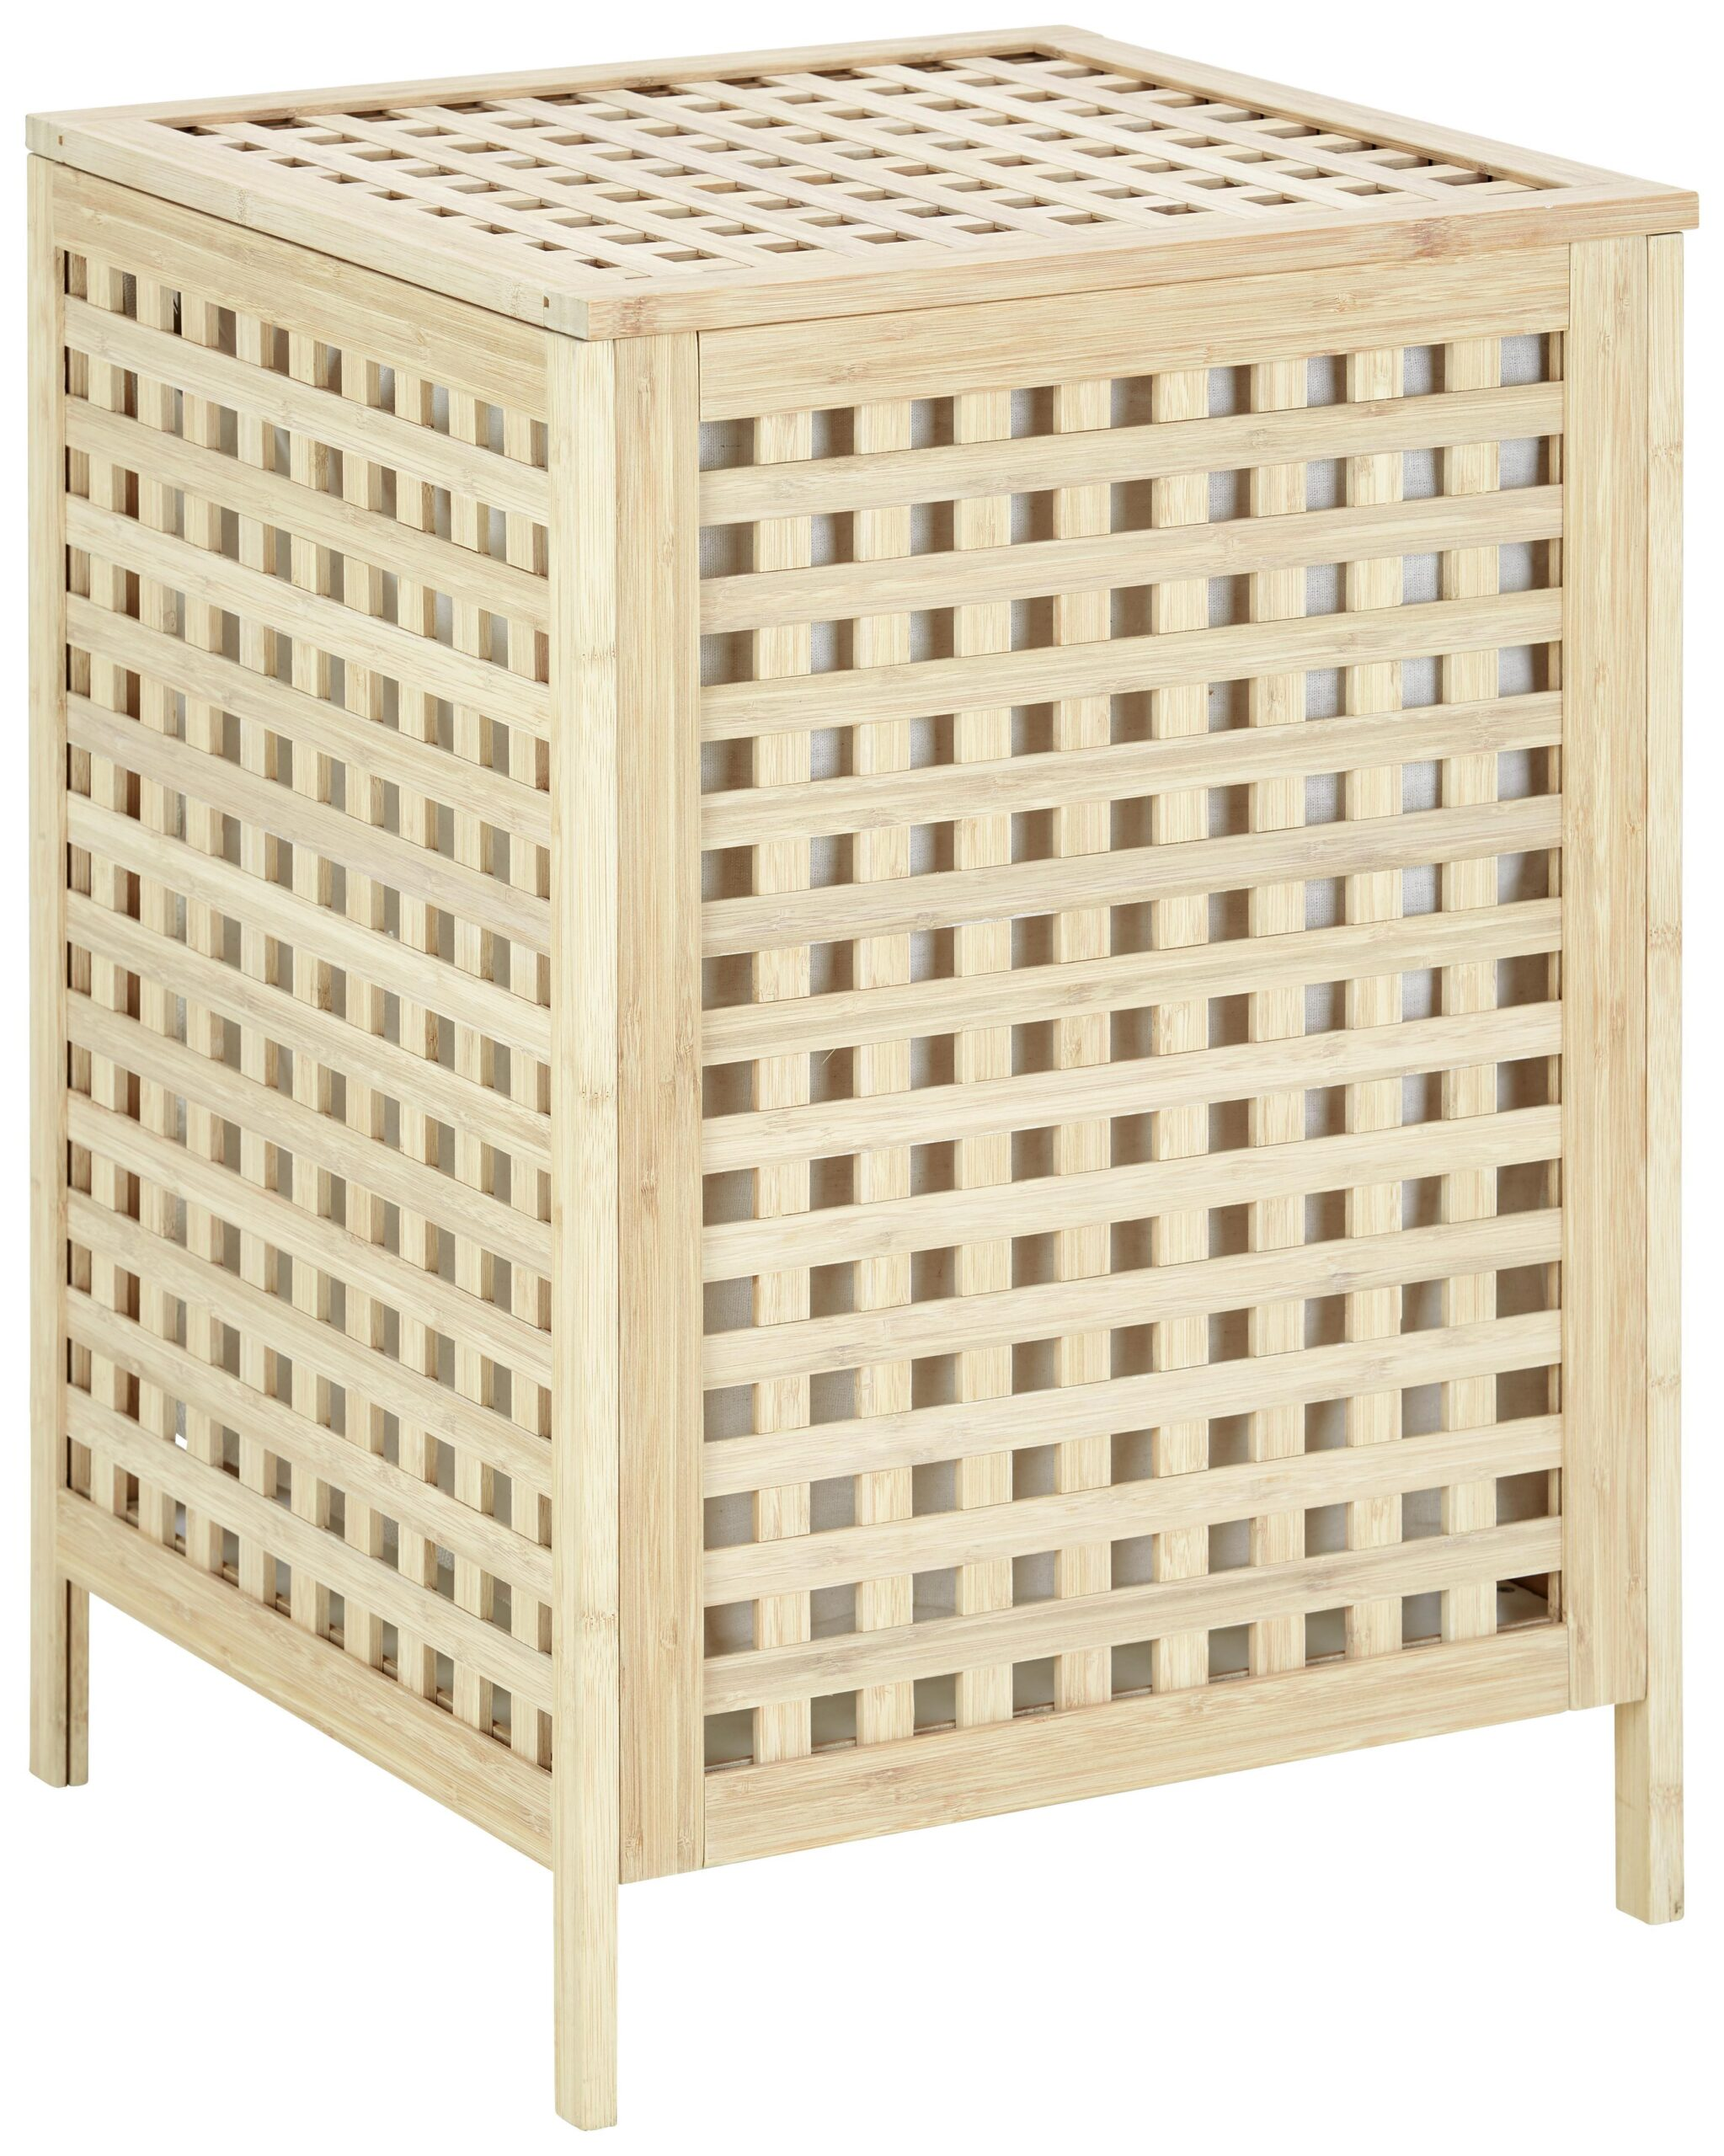 Full Size of Wäschekorb Kinderzimmer Wschekorb Aus Bambus Massiv Online Kaufen Mmax Regale Sofa Regal Weiß Kinderzimmer Wäschekorb Kinderzimmer